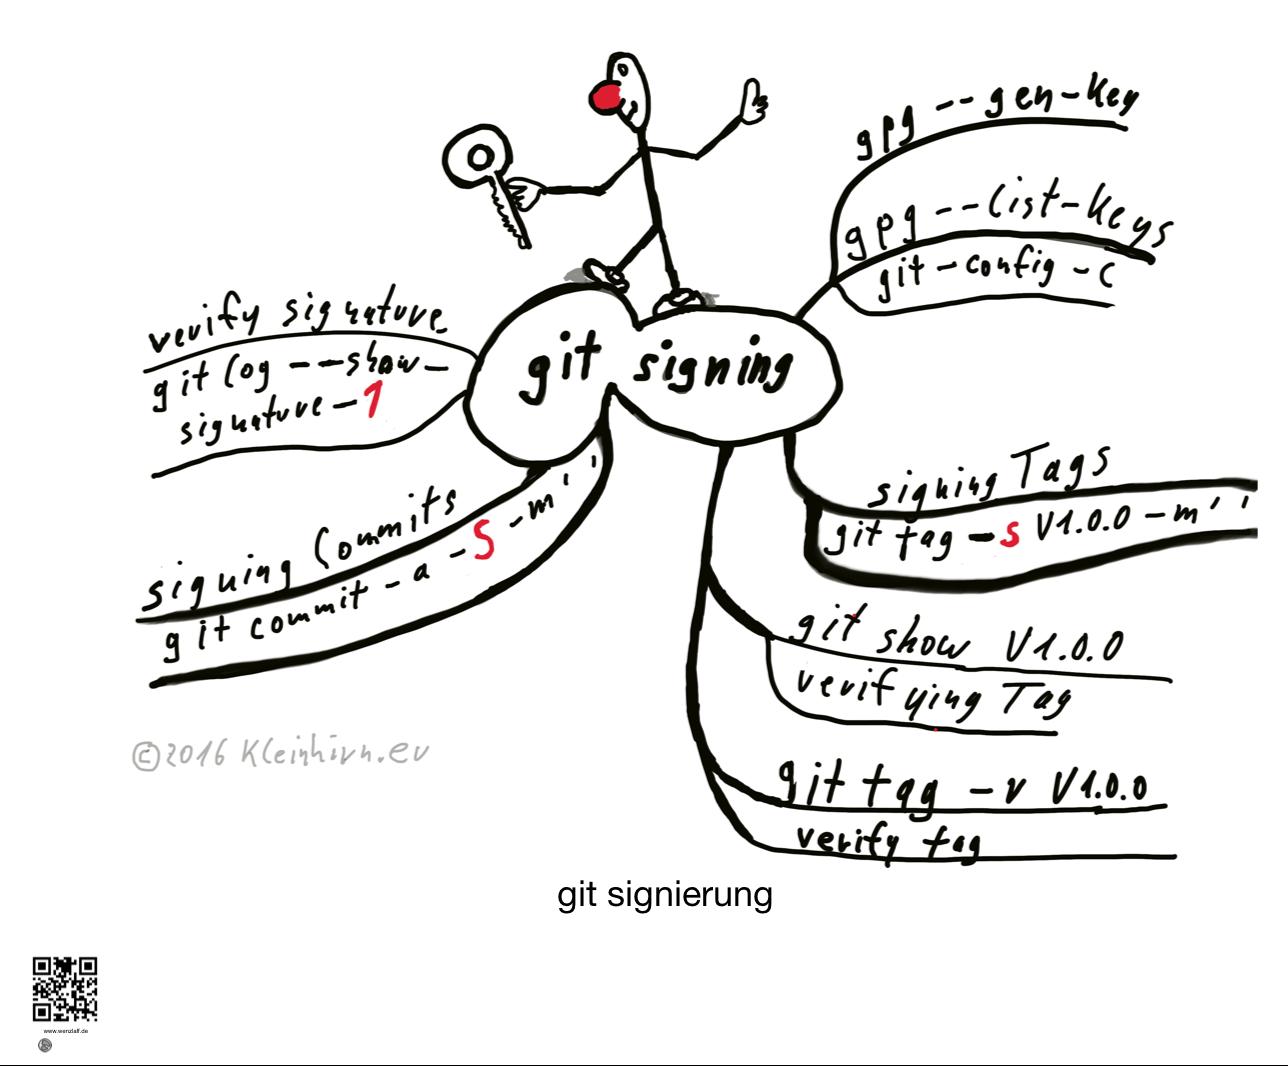 git-signierung